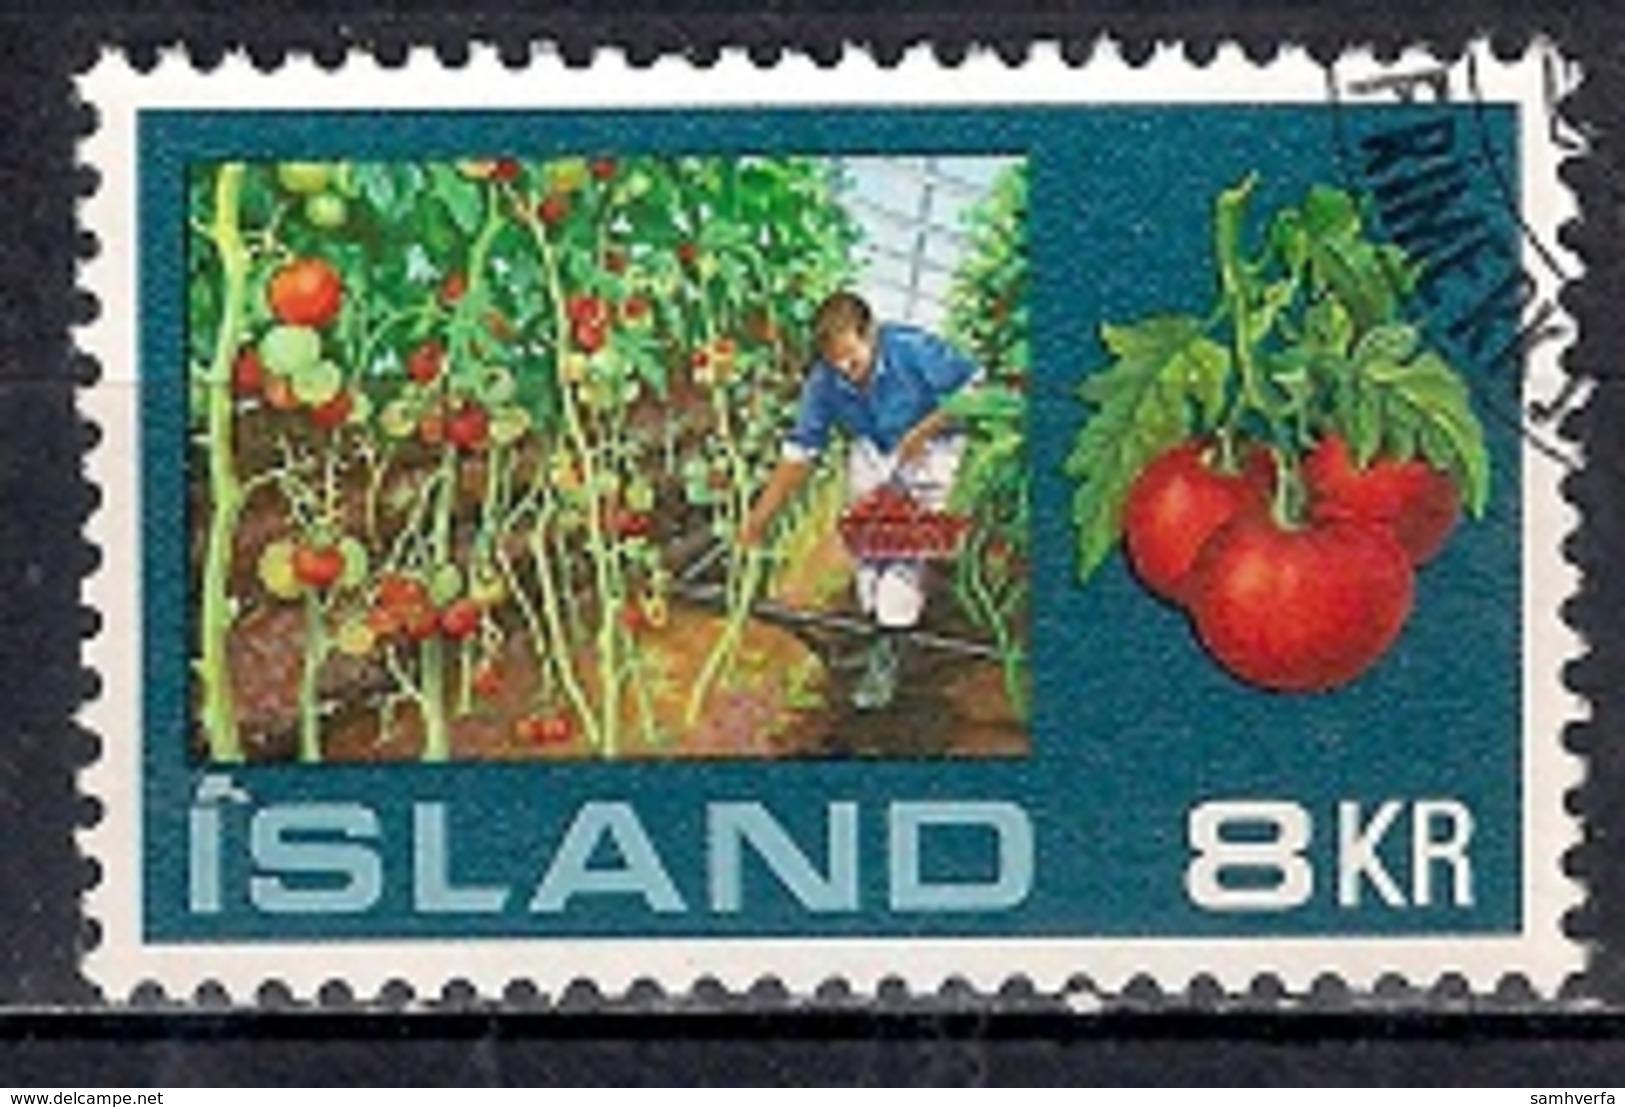 Iceland 1974 - Greenhouses - Gebraucht